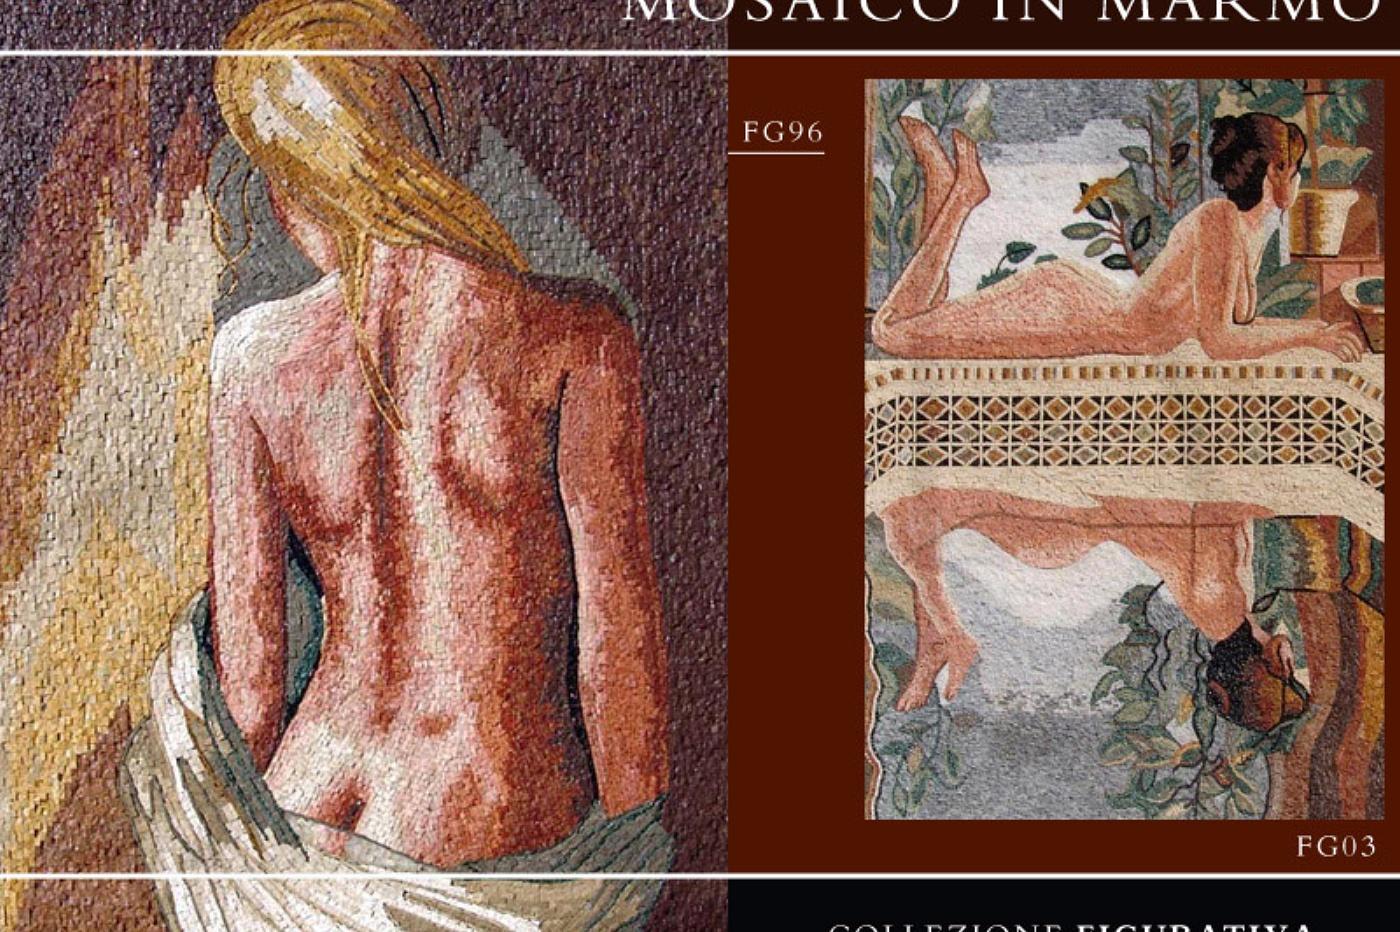 Gaiardoni piergiorgio mosaici in marmo for Mosaici in marmo per pavimenti